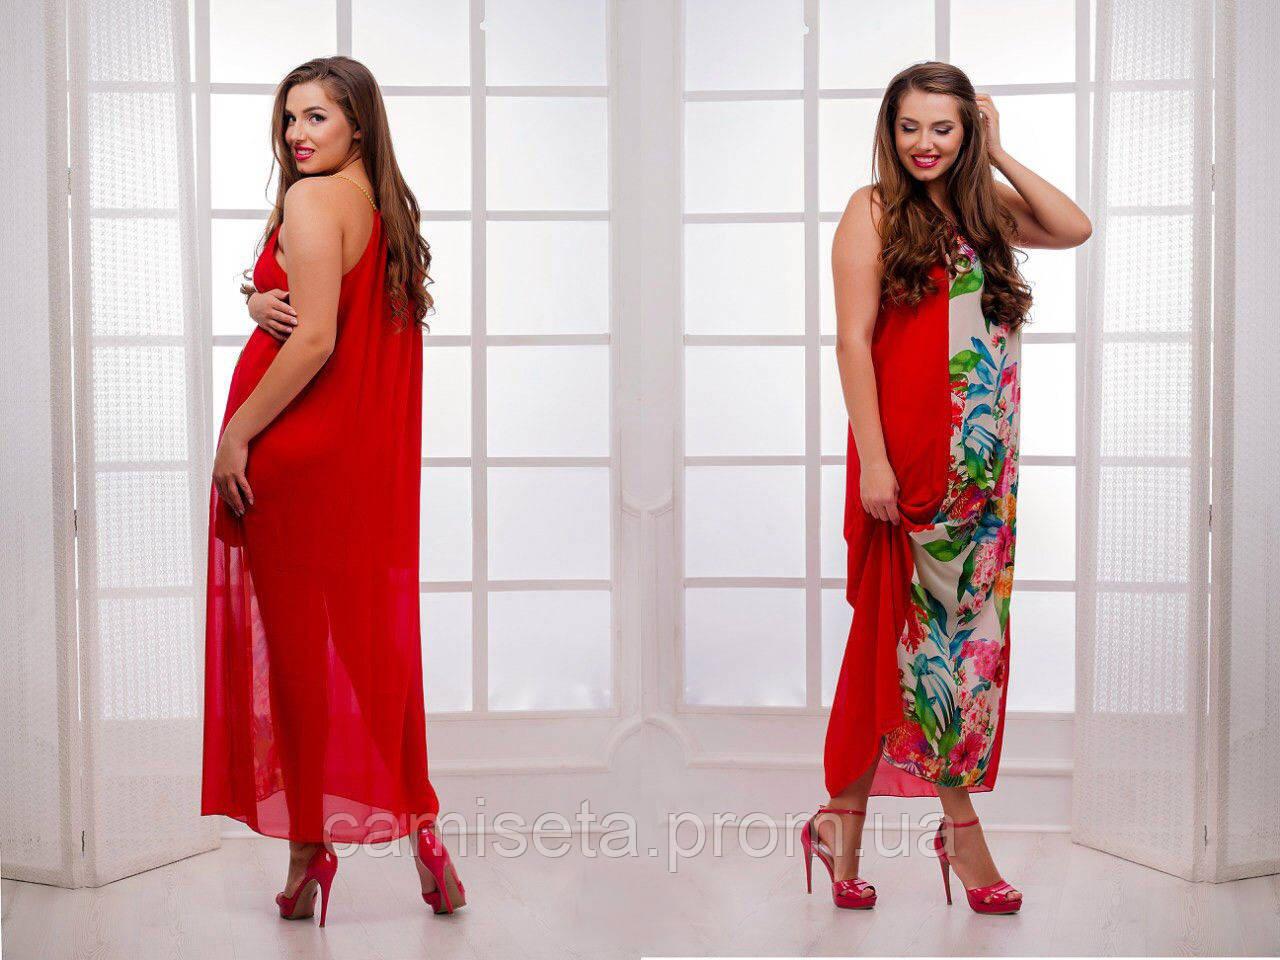 16ddff07977 Платье женское длинное шифоновое с цветами P2831 - Интернет-магазин одежды